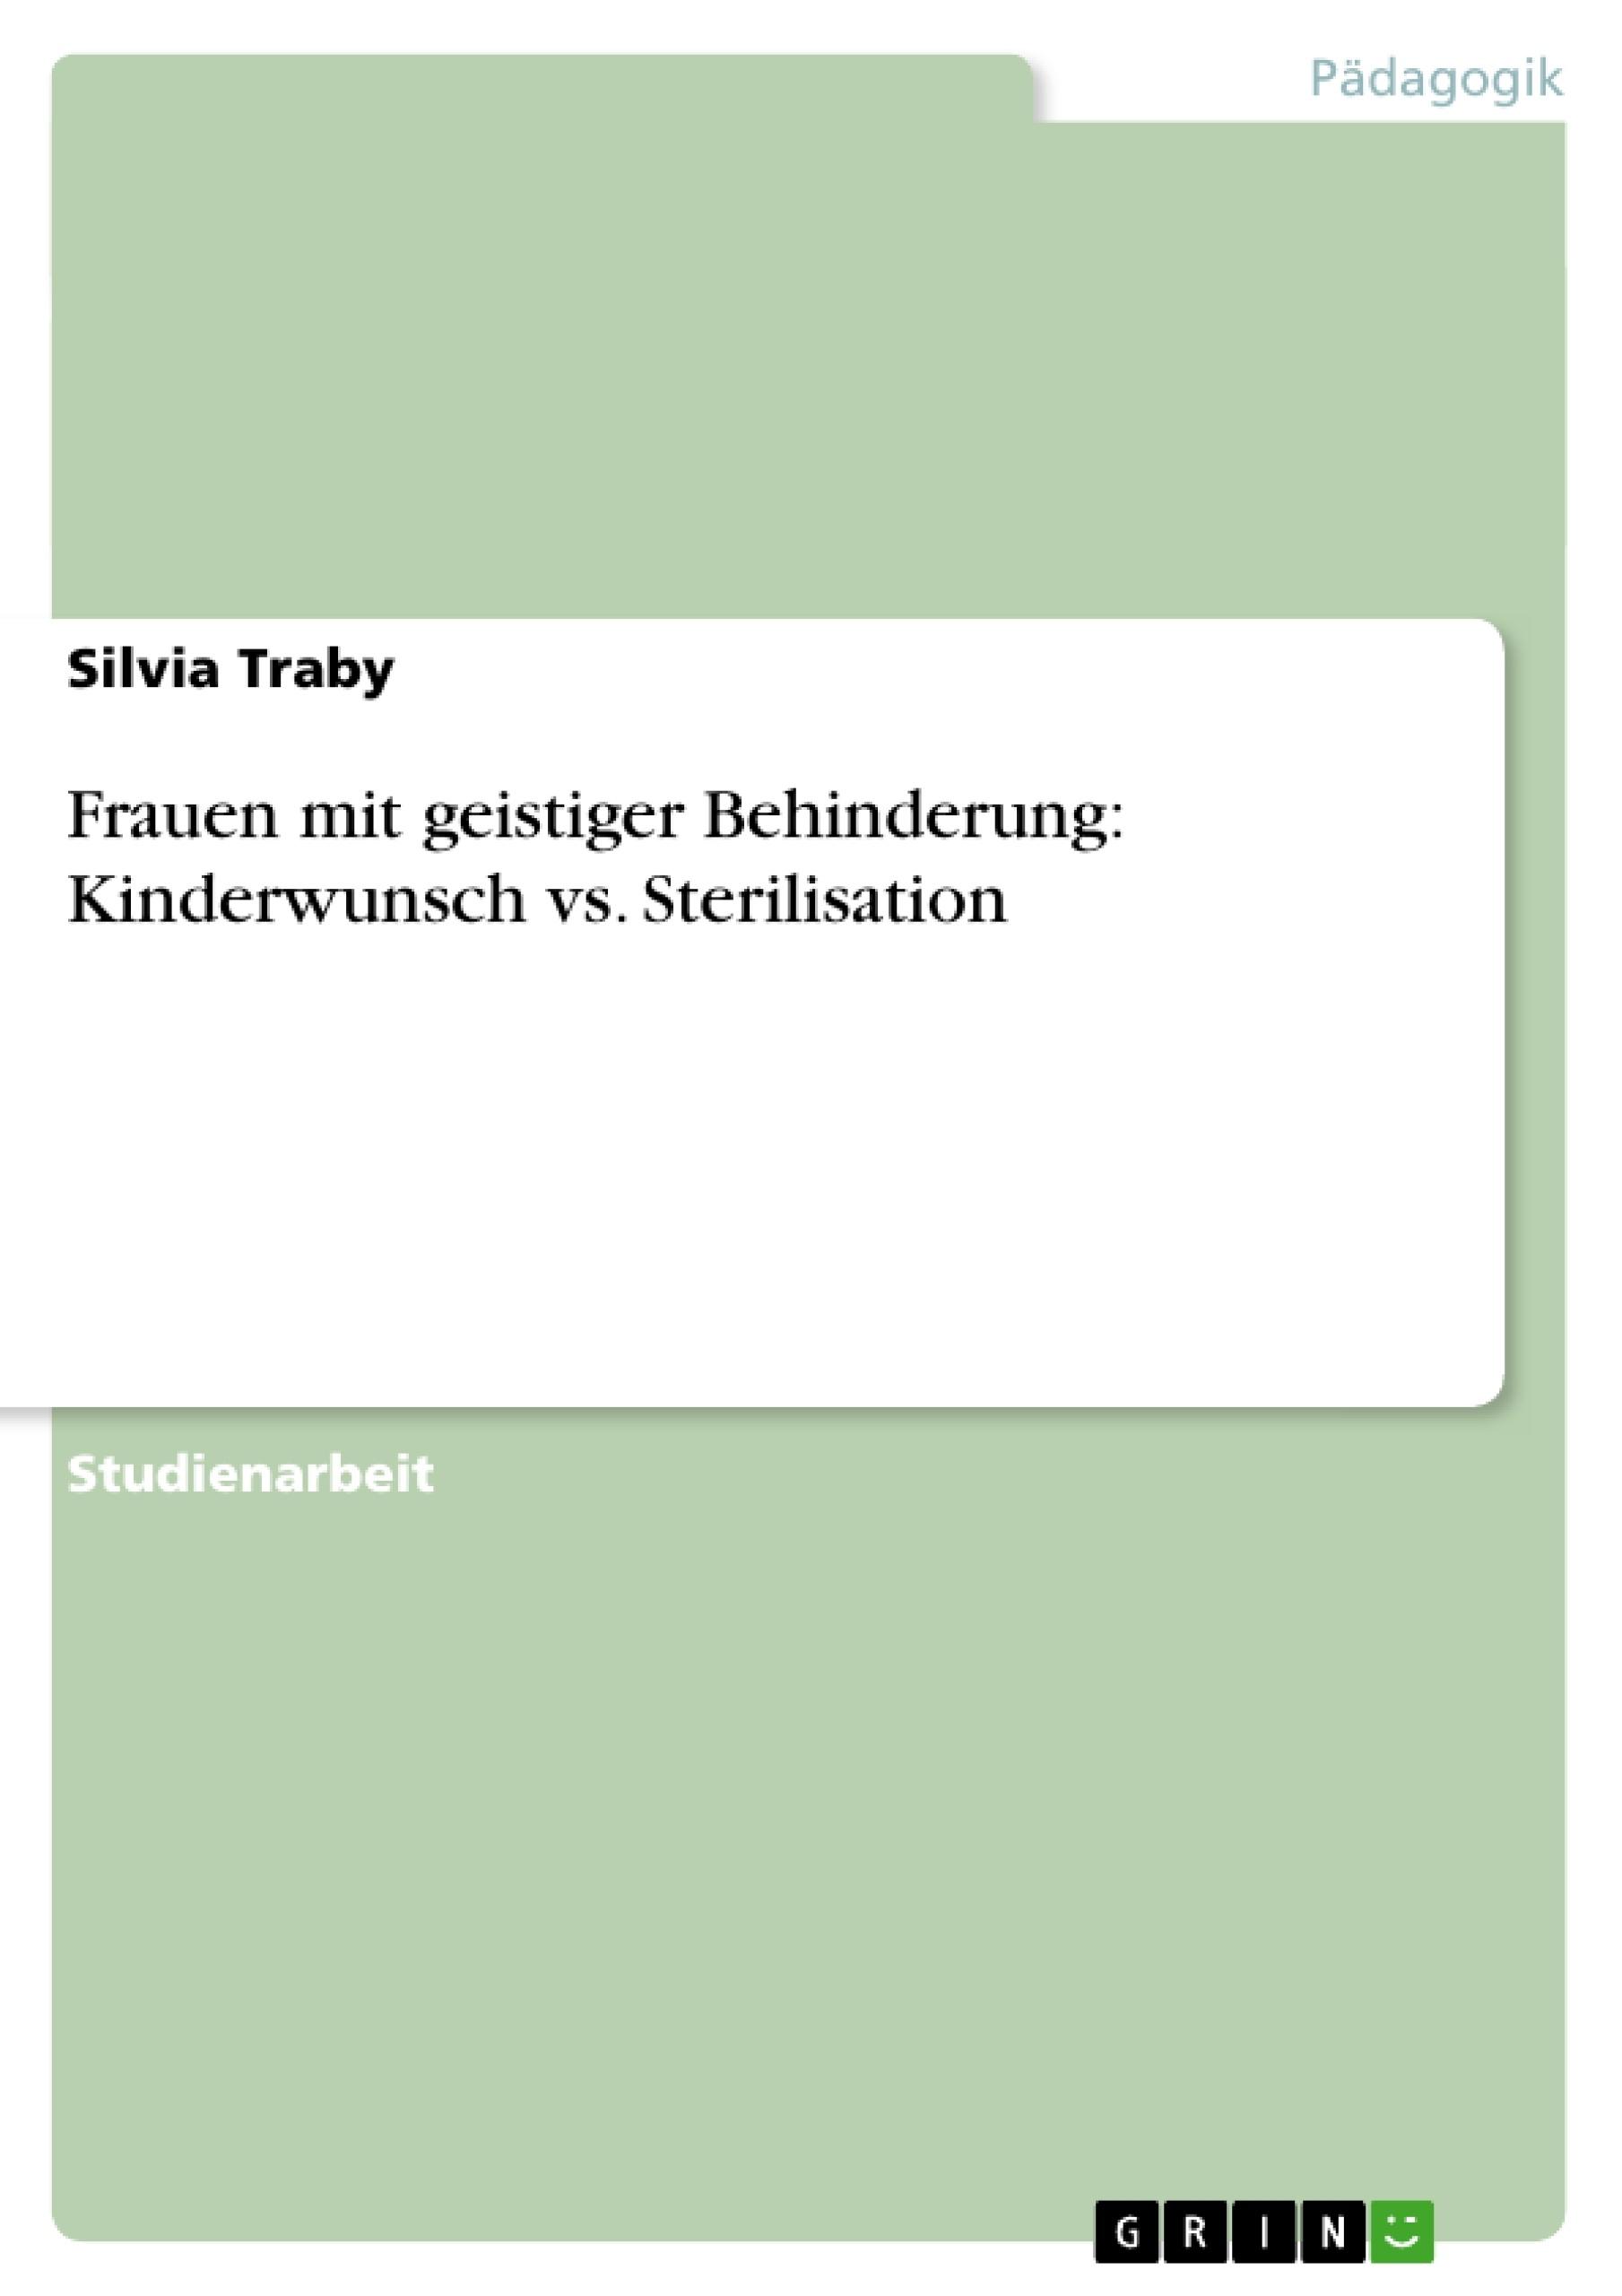 Titel: Frauen mit geistiger Behinderung: Kinderwunsch vs. Sterilisation